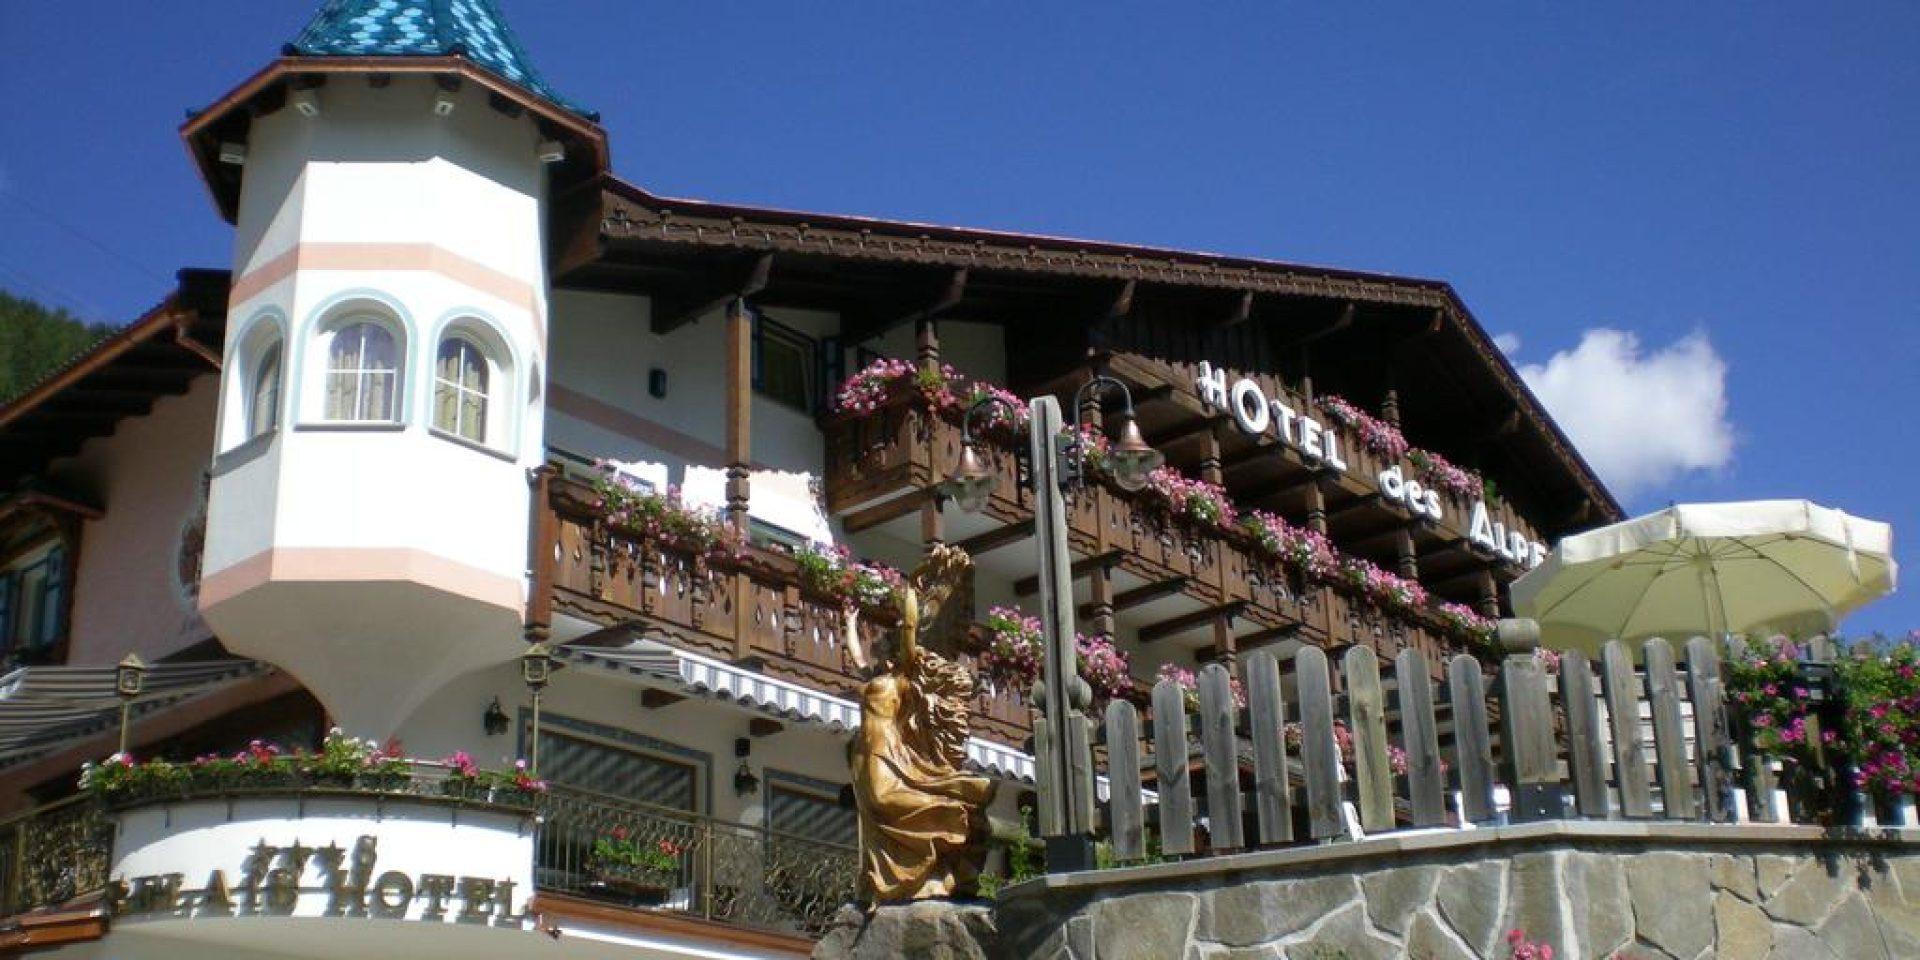 Relais Hotel Des Alpes